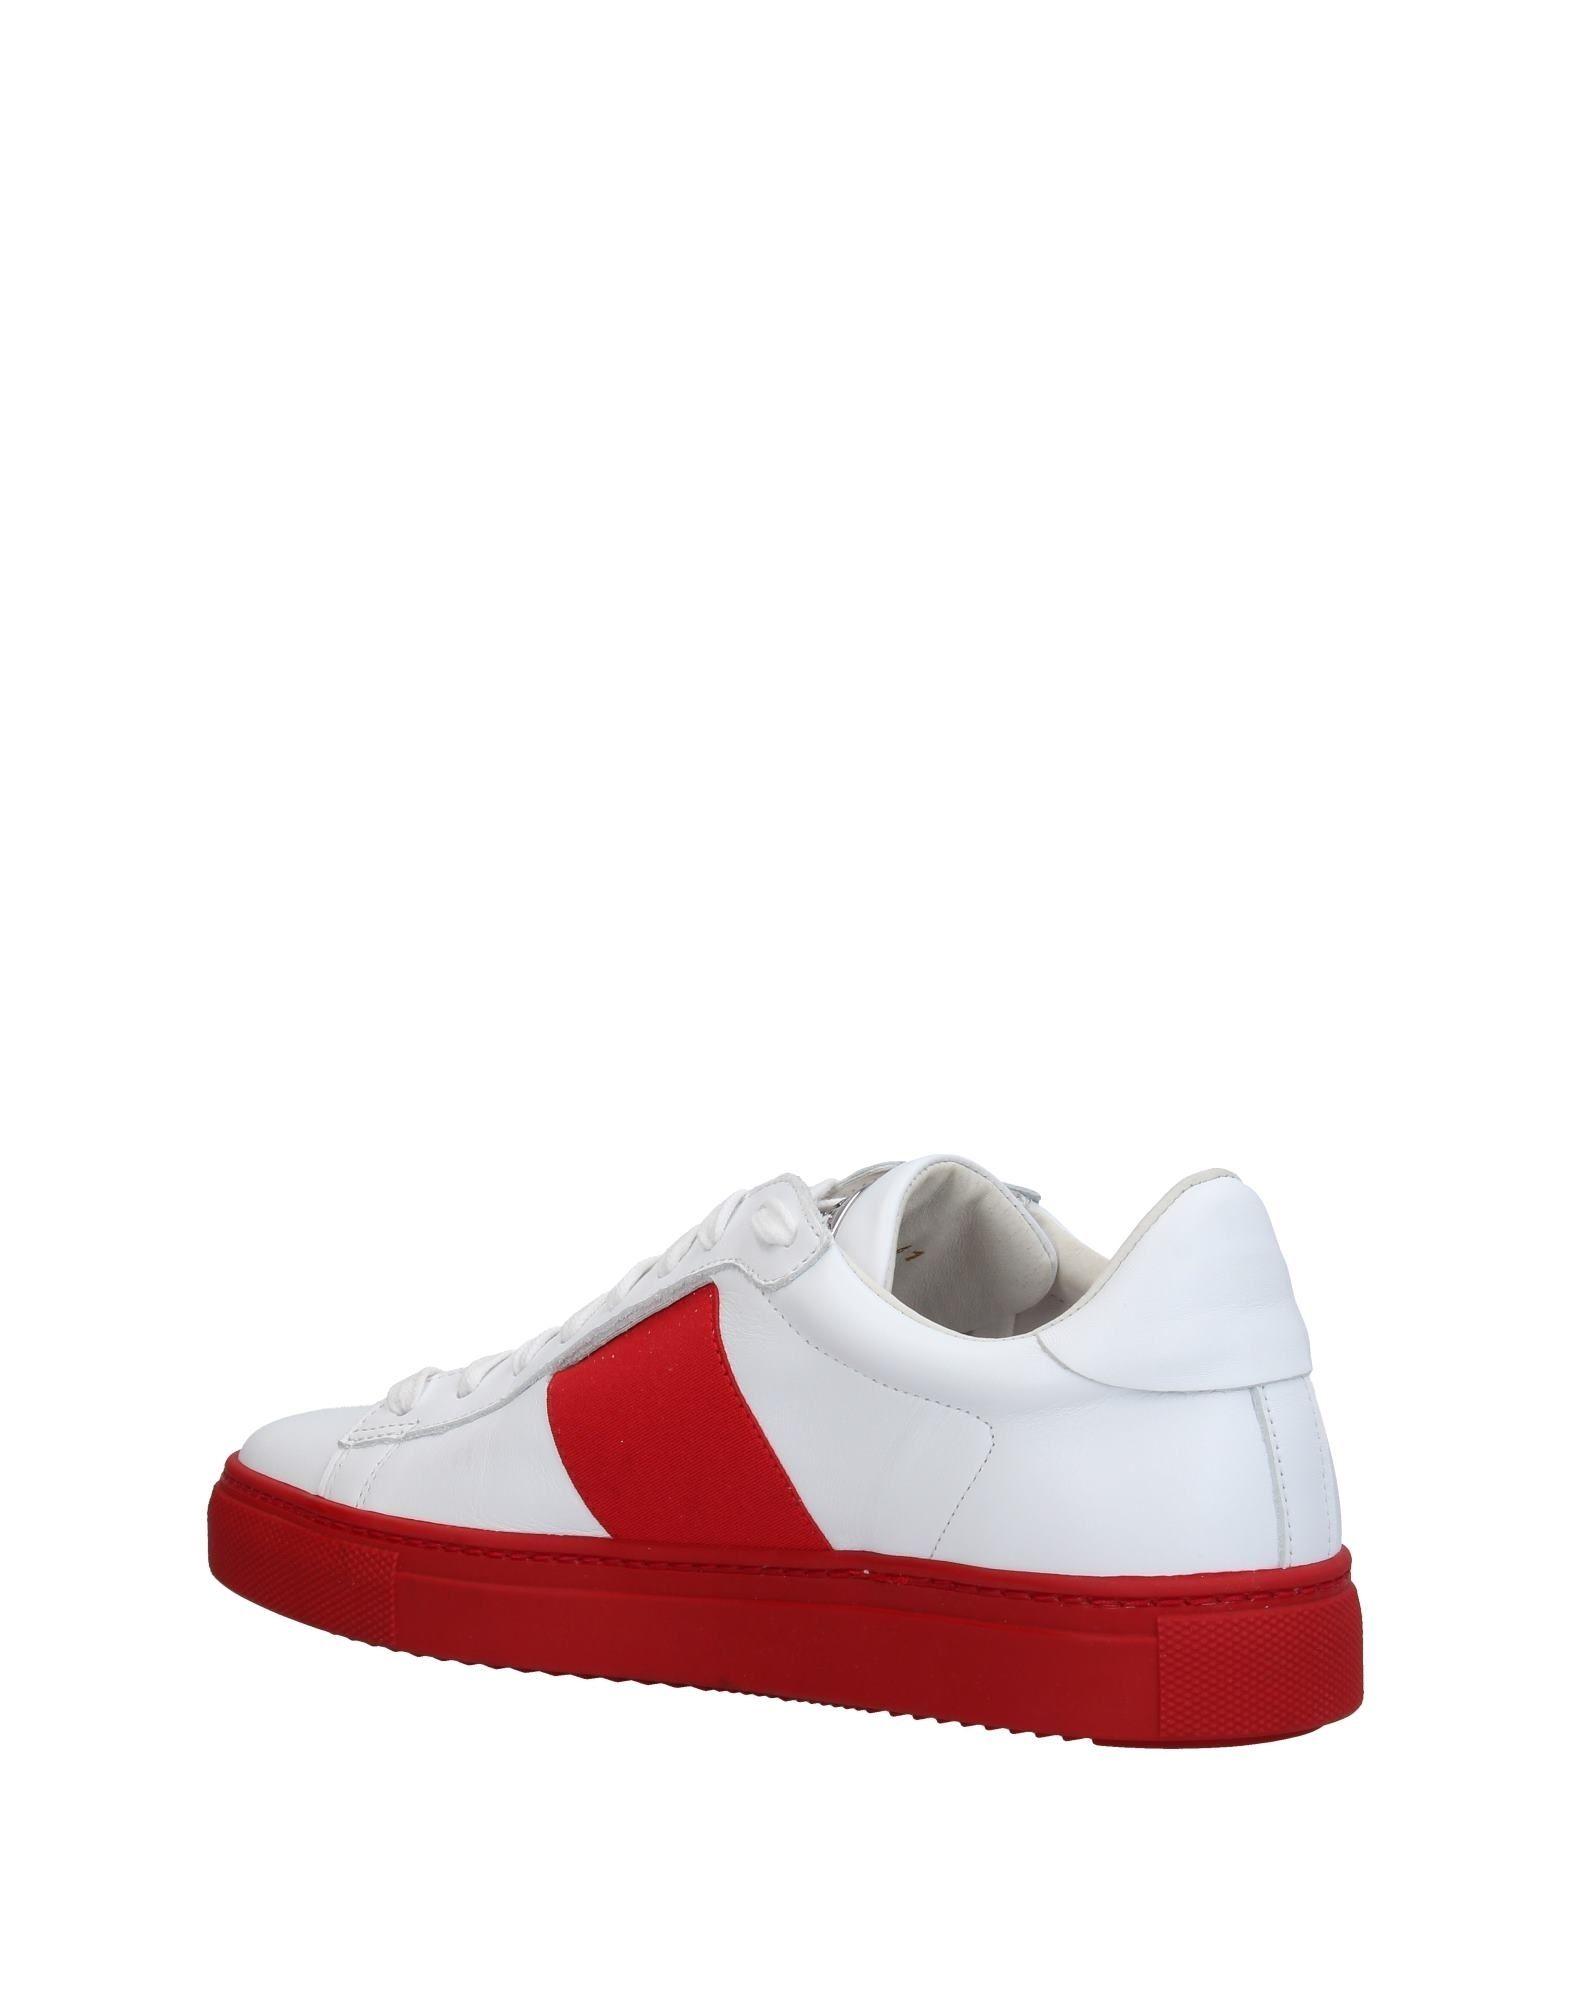 Sneakers Stokton Homme - Sneakers Stokton sur